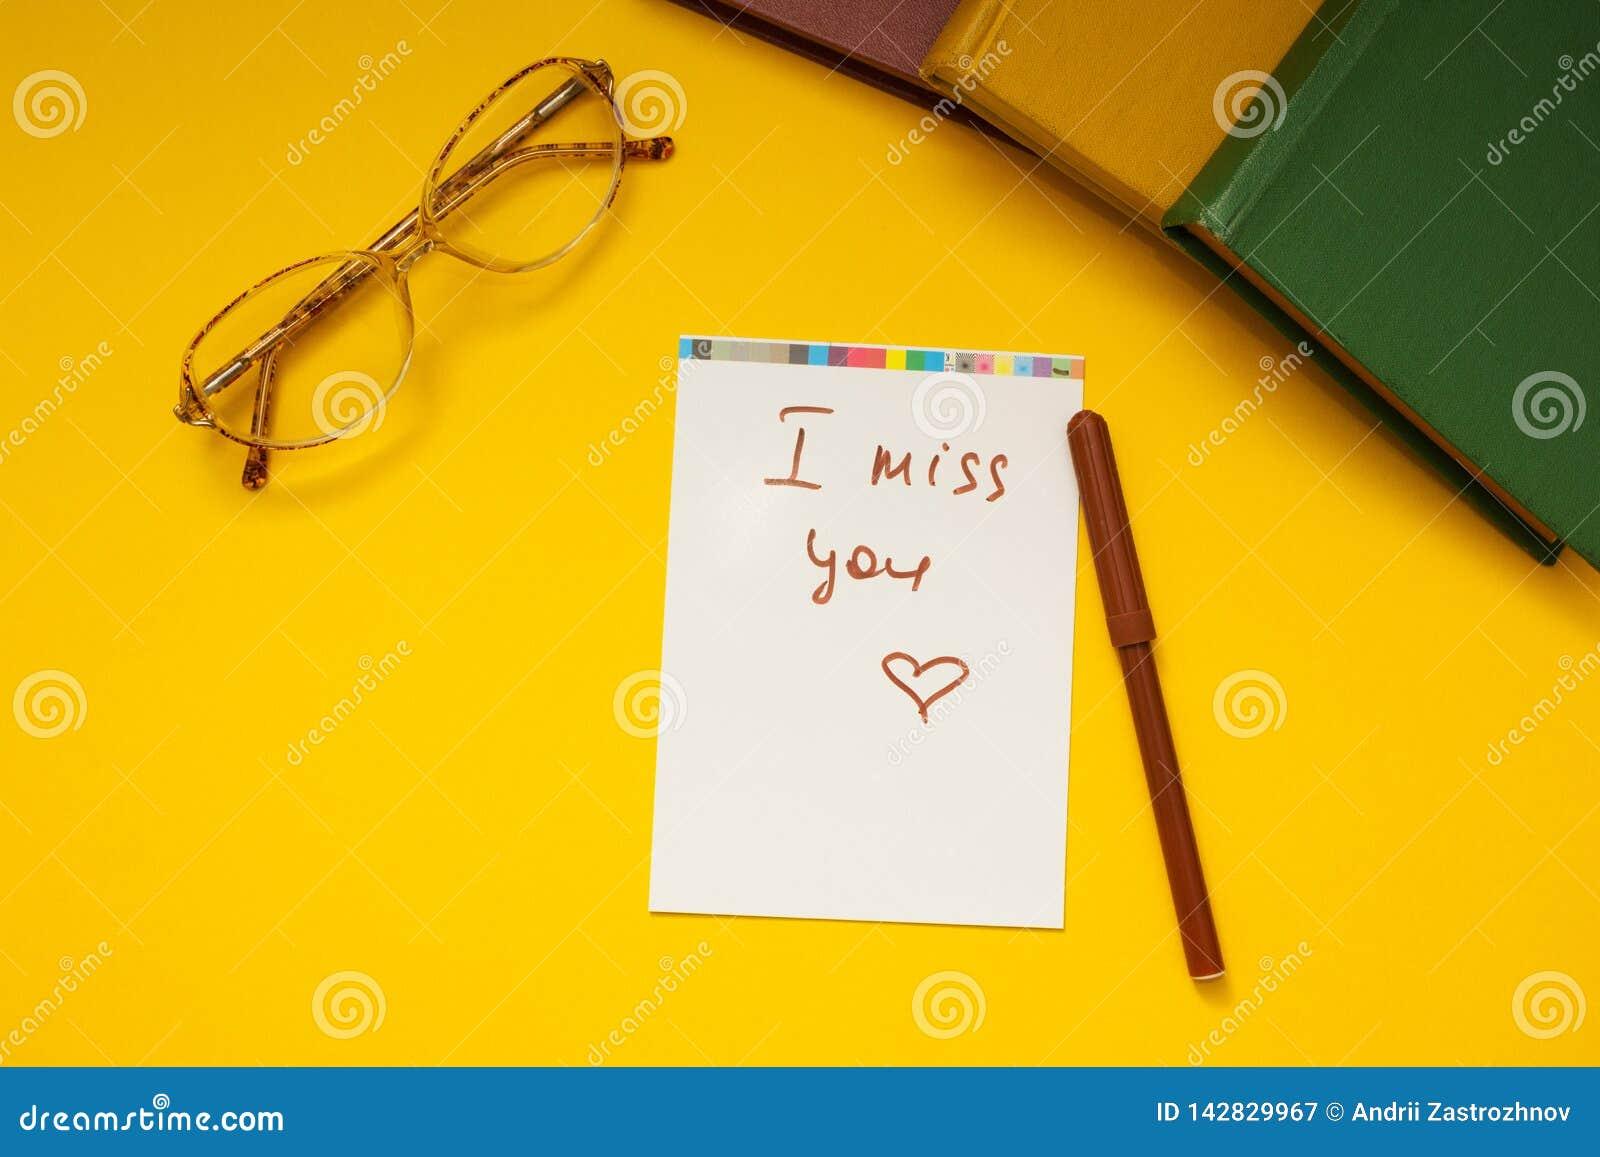 Die Aufschrift 'du fehlst mir 'auf einem gelben Hintergrund, Gläsern und Büchern zusammen